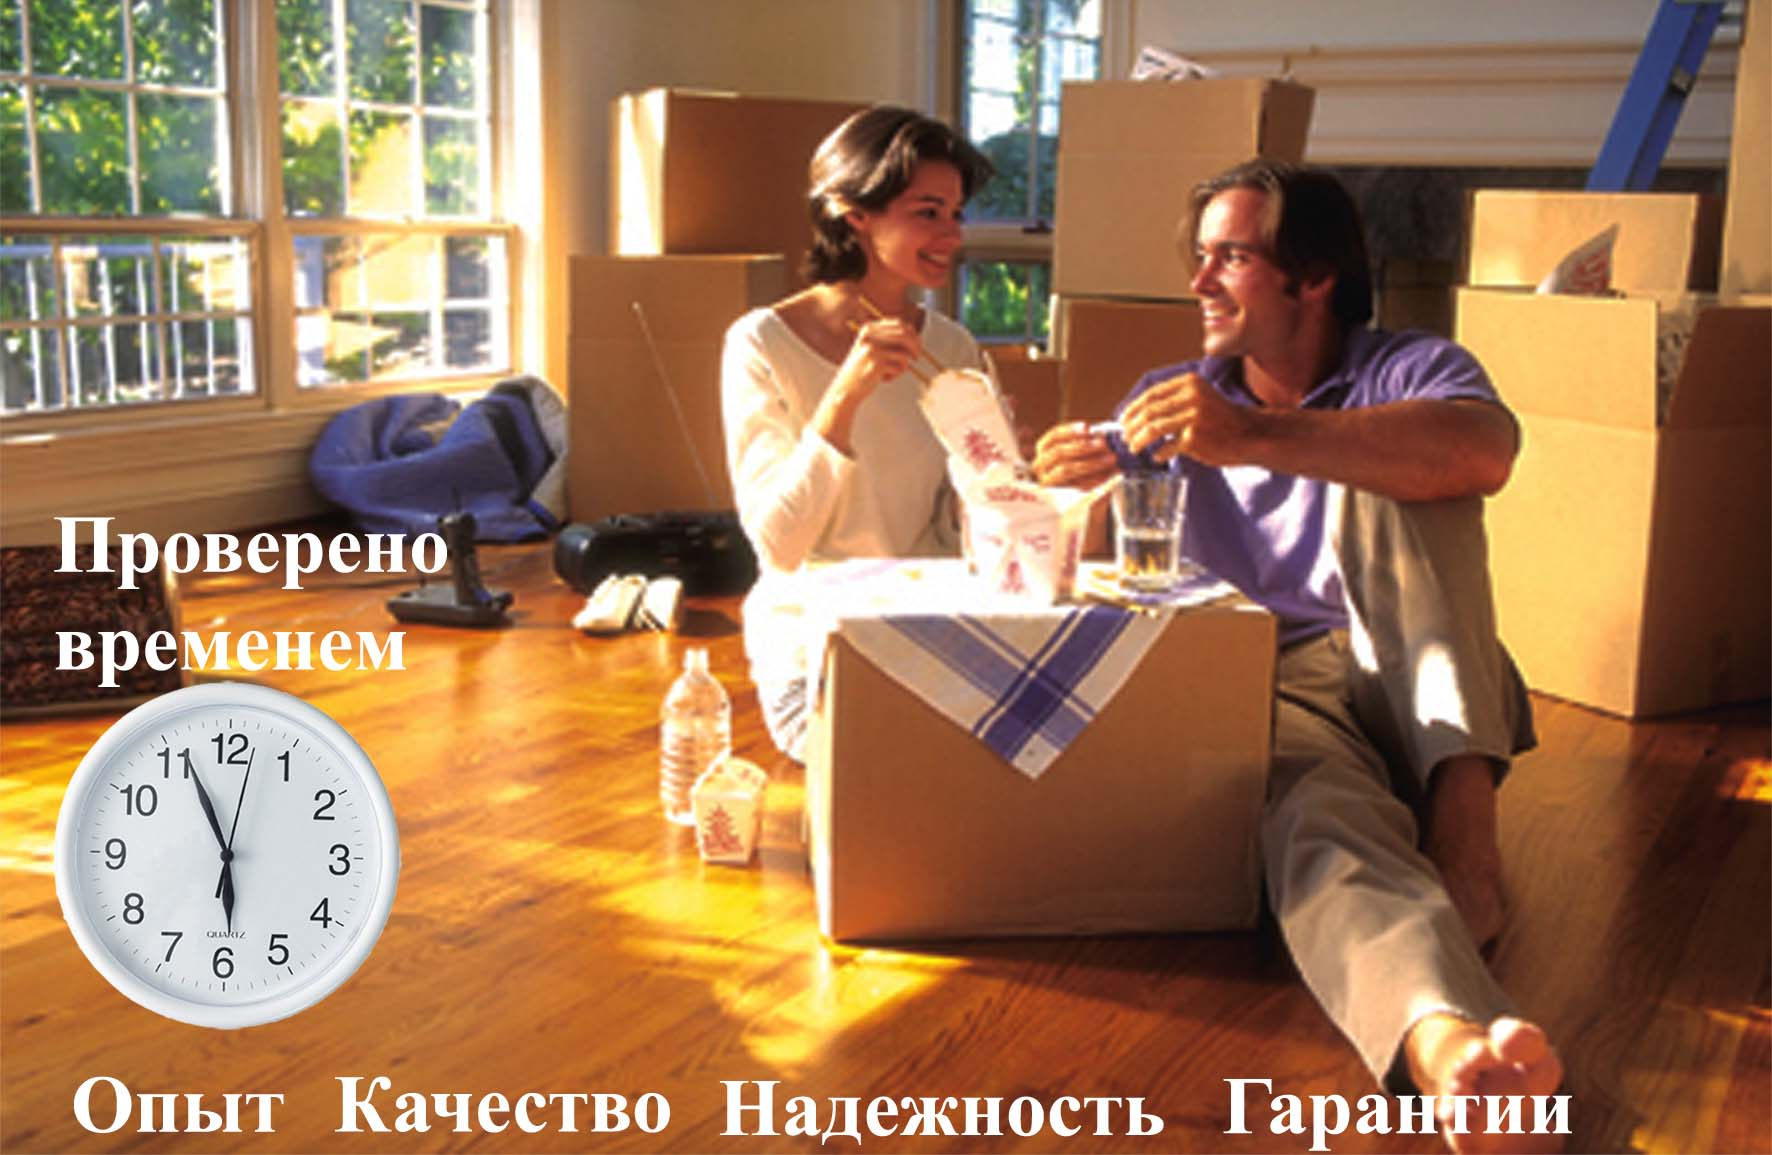 Фото людей в квартире